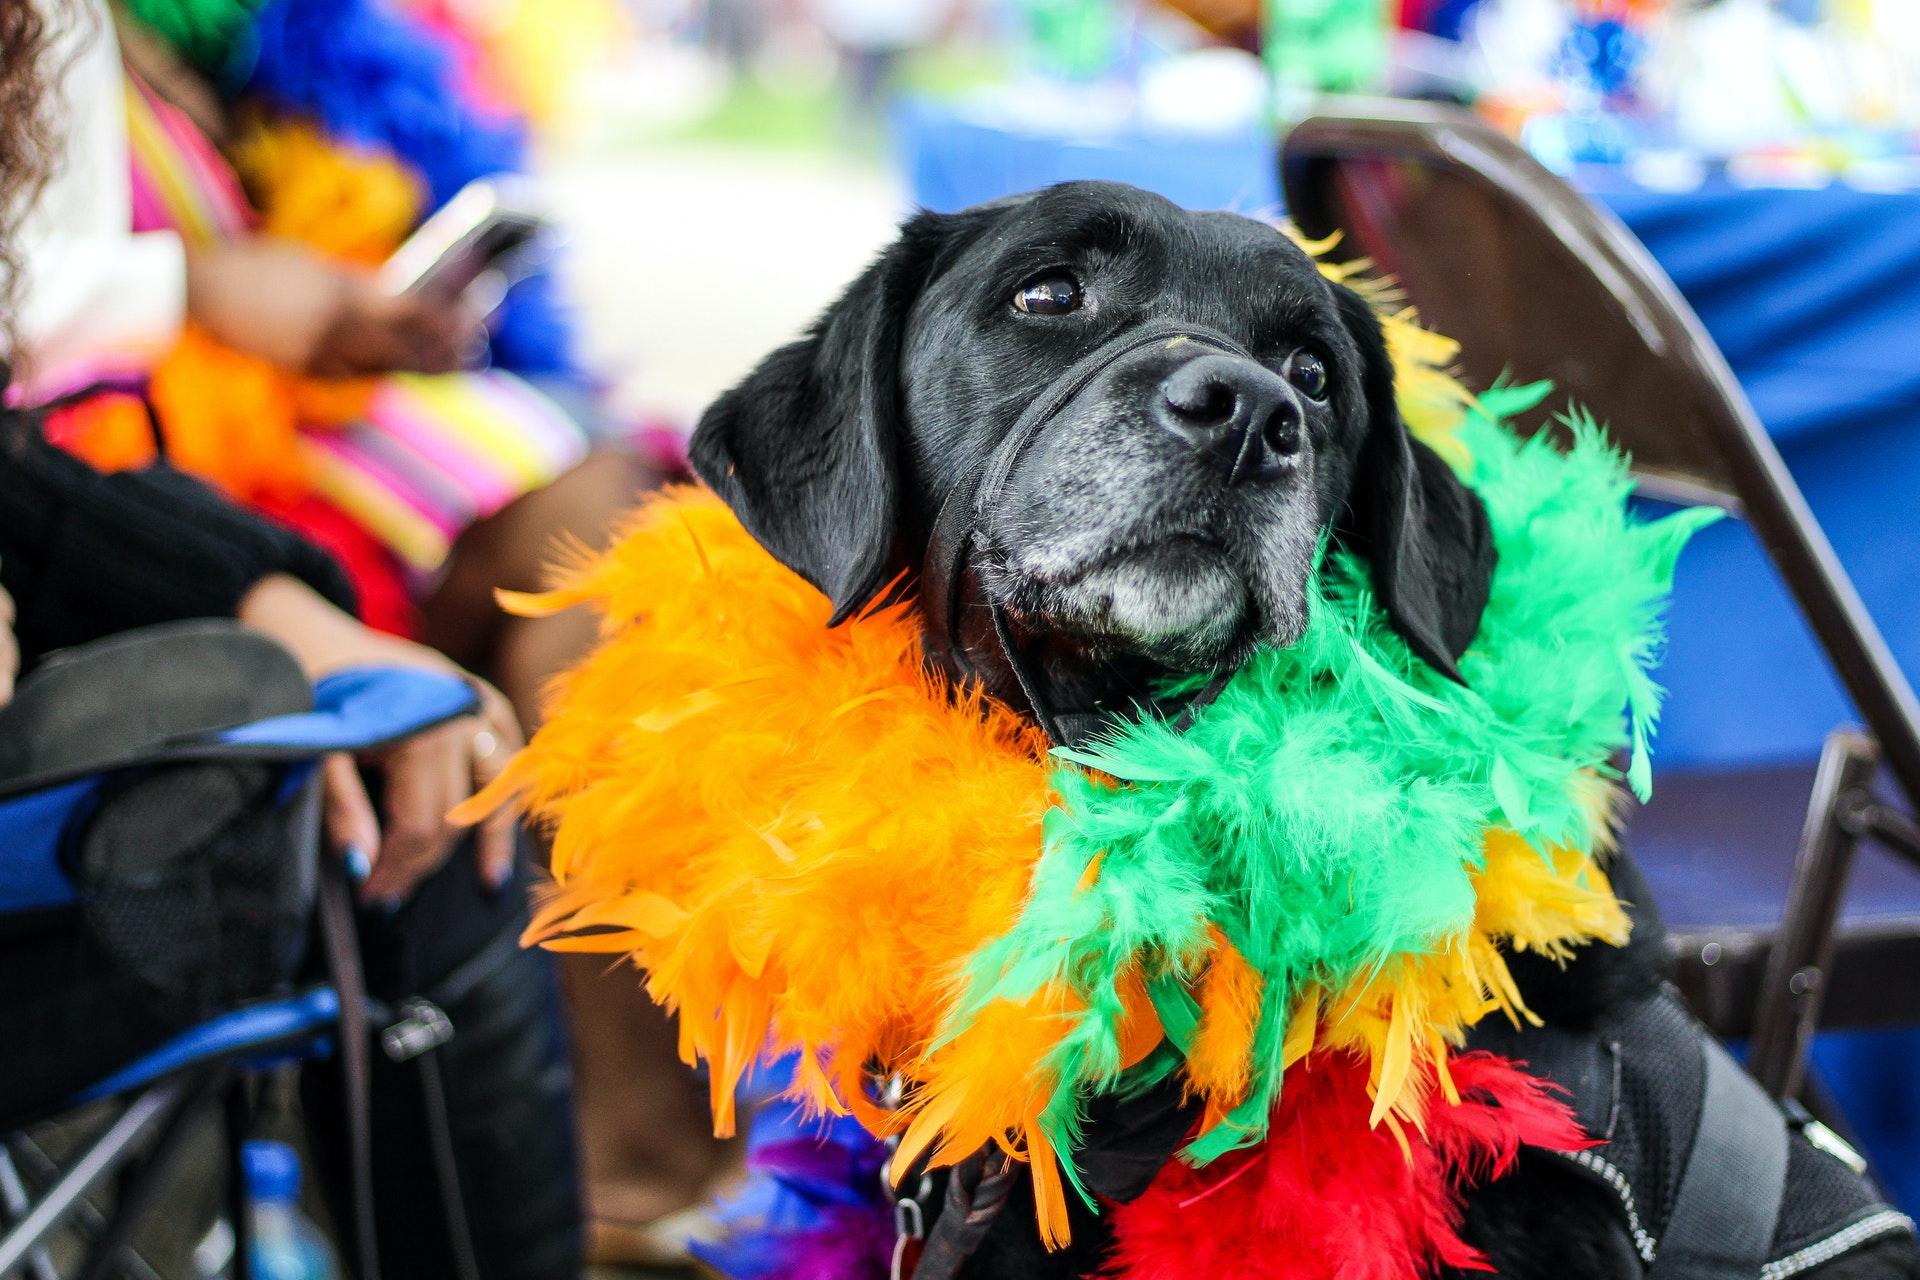 cachorro fantasiado para festa de aniversário